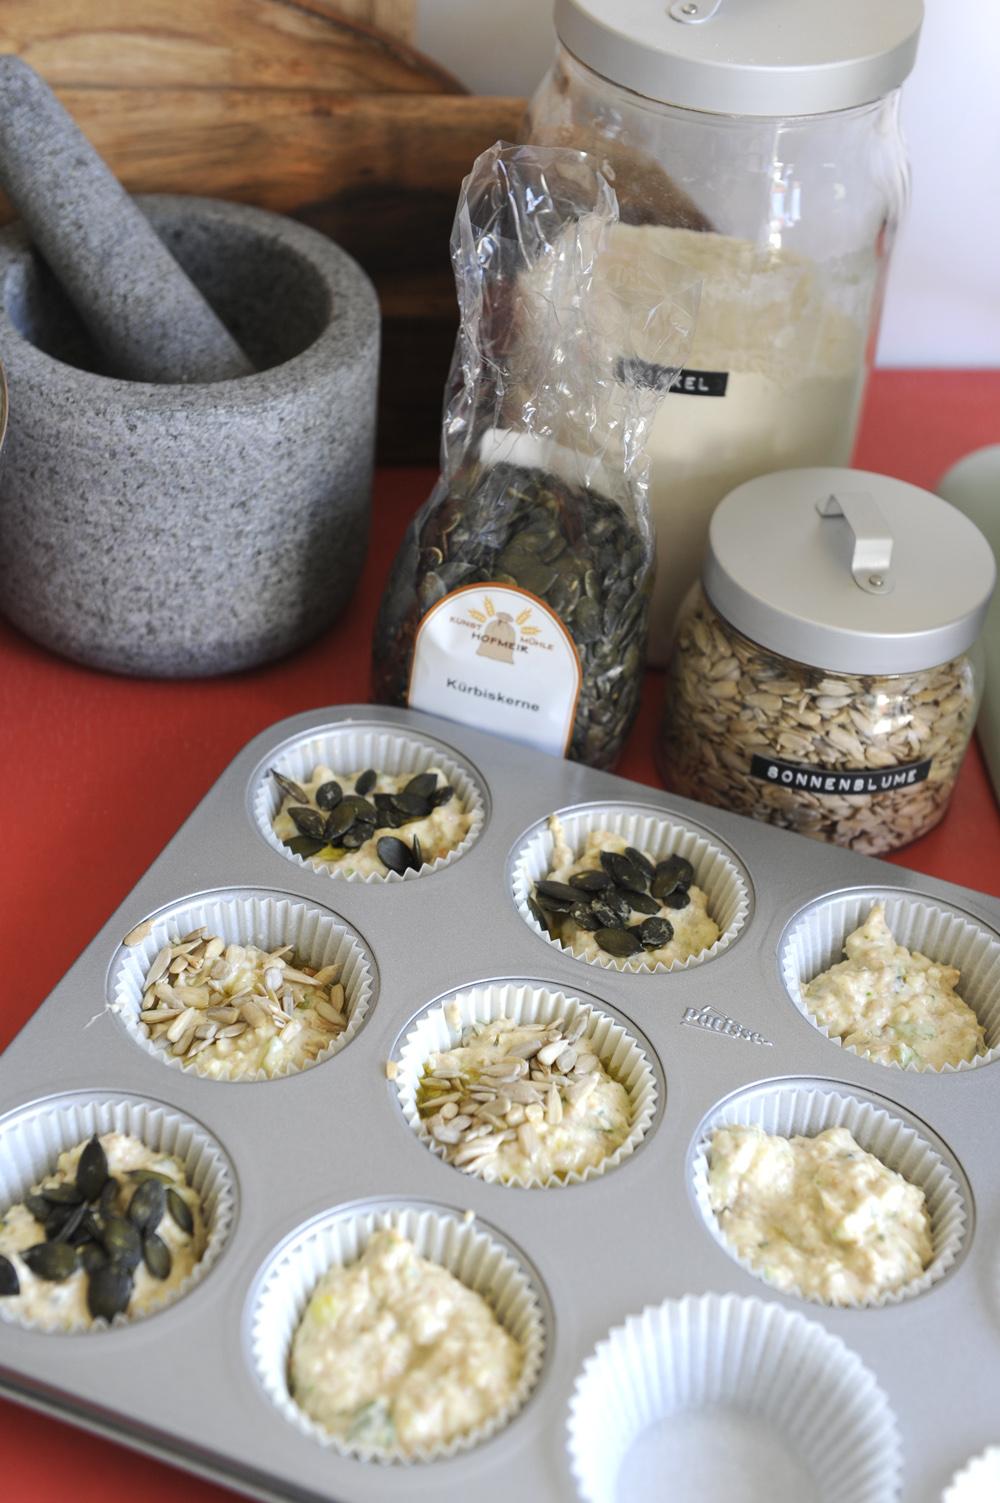 Kürbiskerne, Sonnenblumenkerne und Dinkelmehl werden zusammen zu herzhaften Muffins